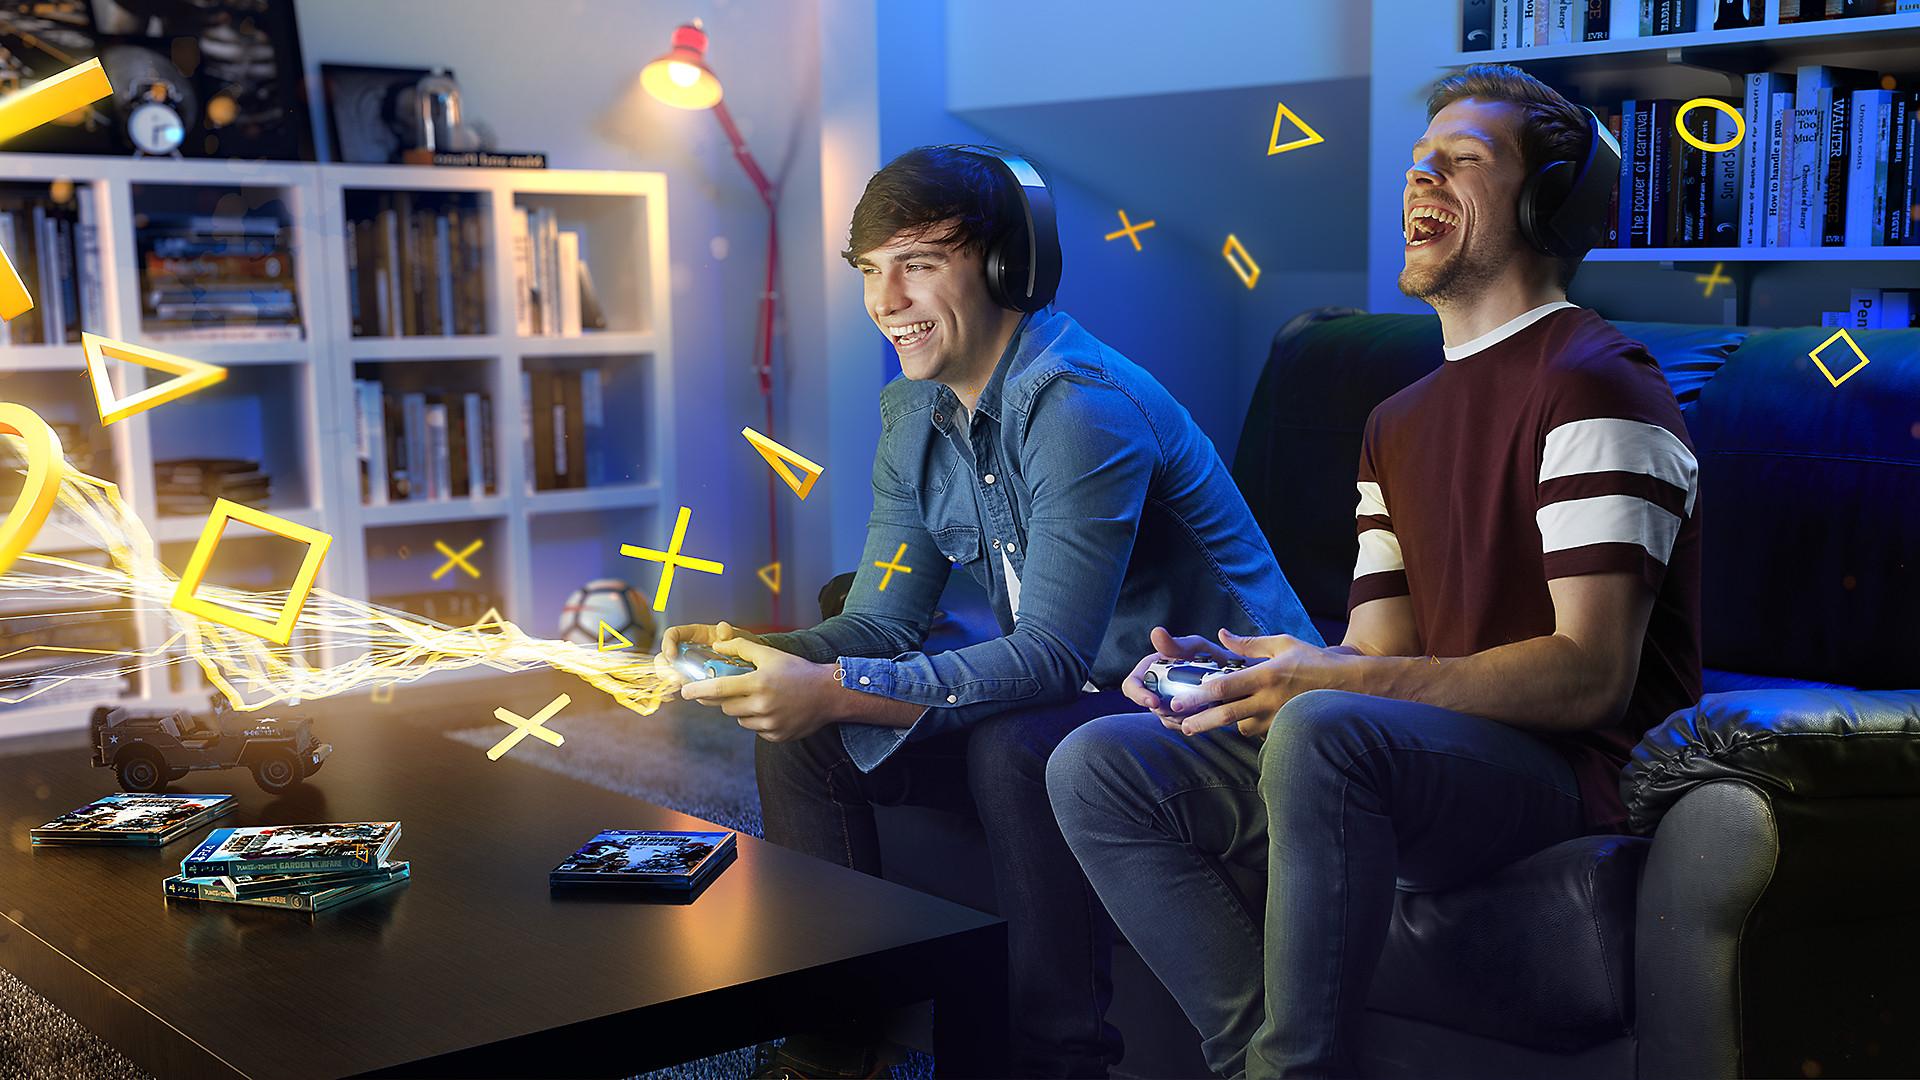 [PlayStation] Gratis online multiplayer-weekend 8 en 9 augustus (PS4)